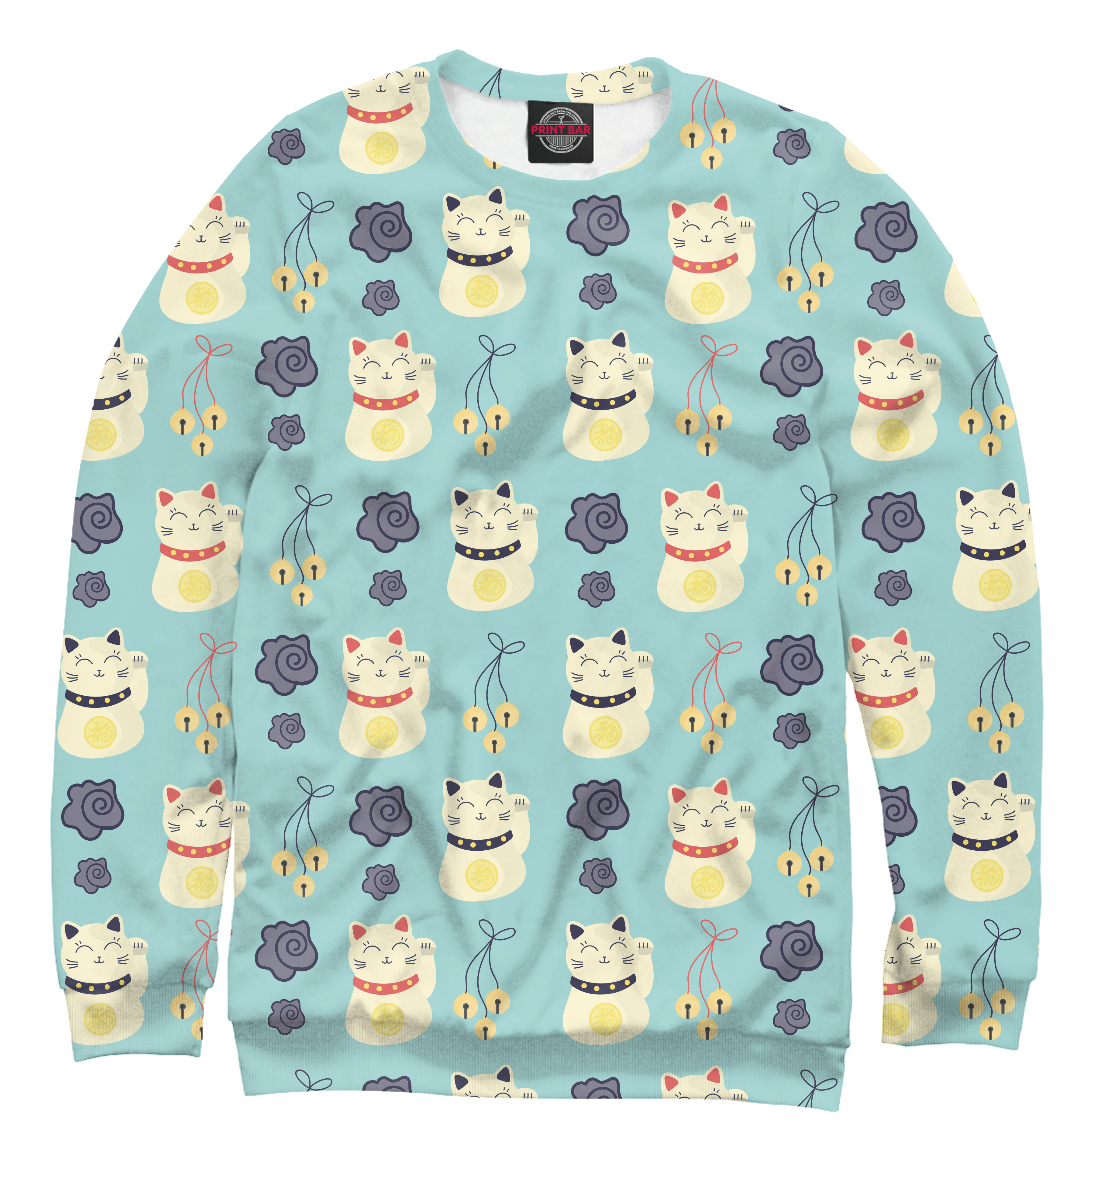 Купить Японские кошки счастья, Printbar, Свитшоты, APD-950319-swi-1